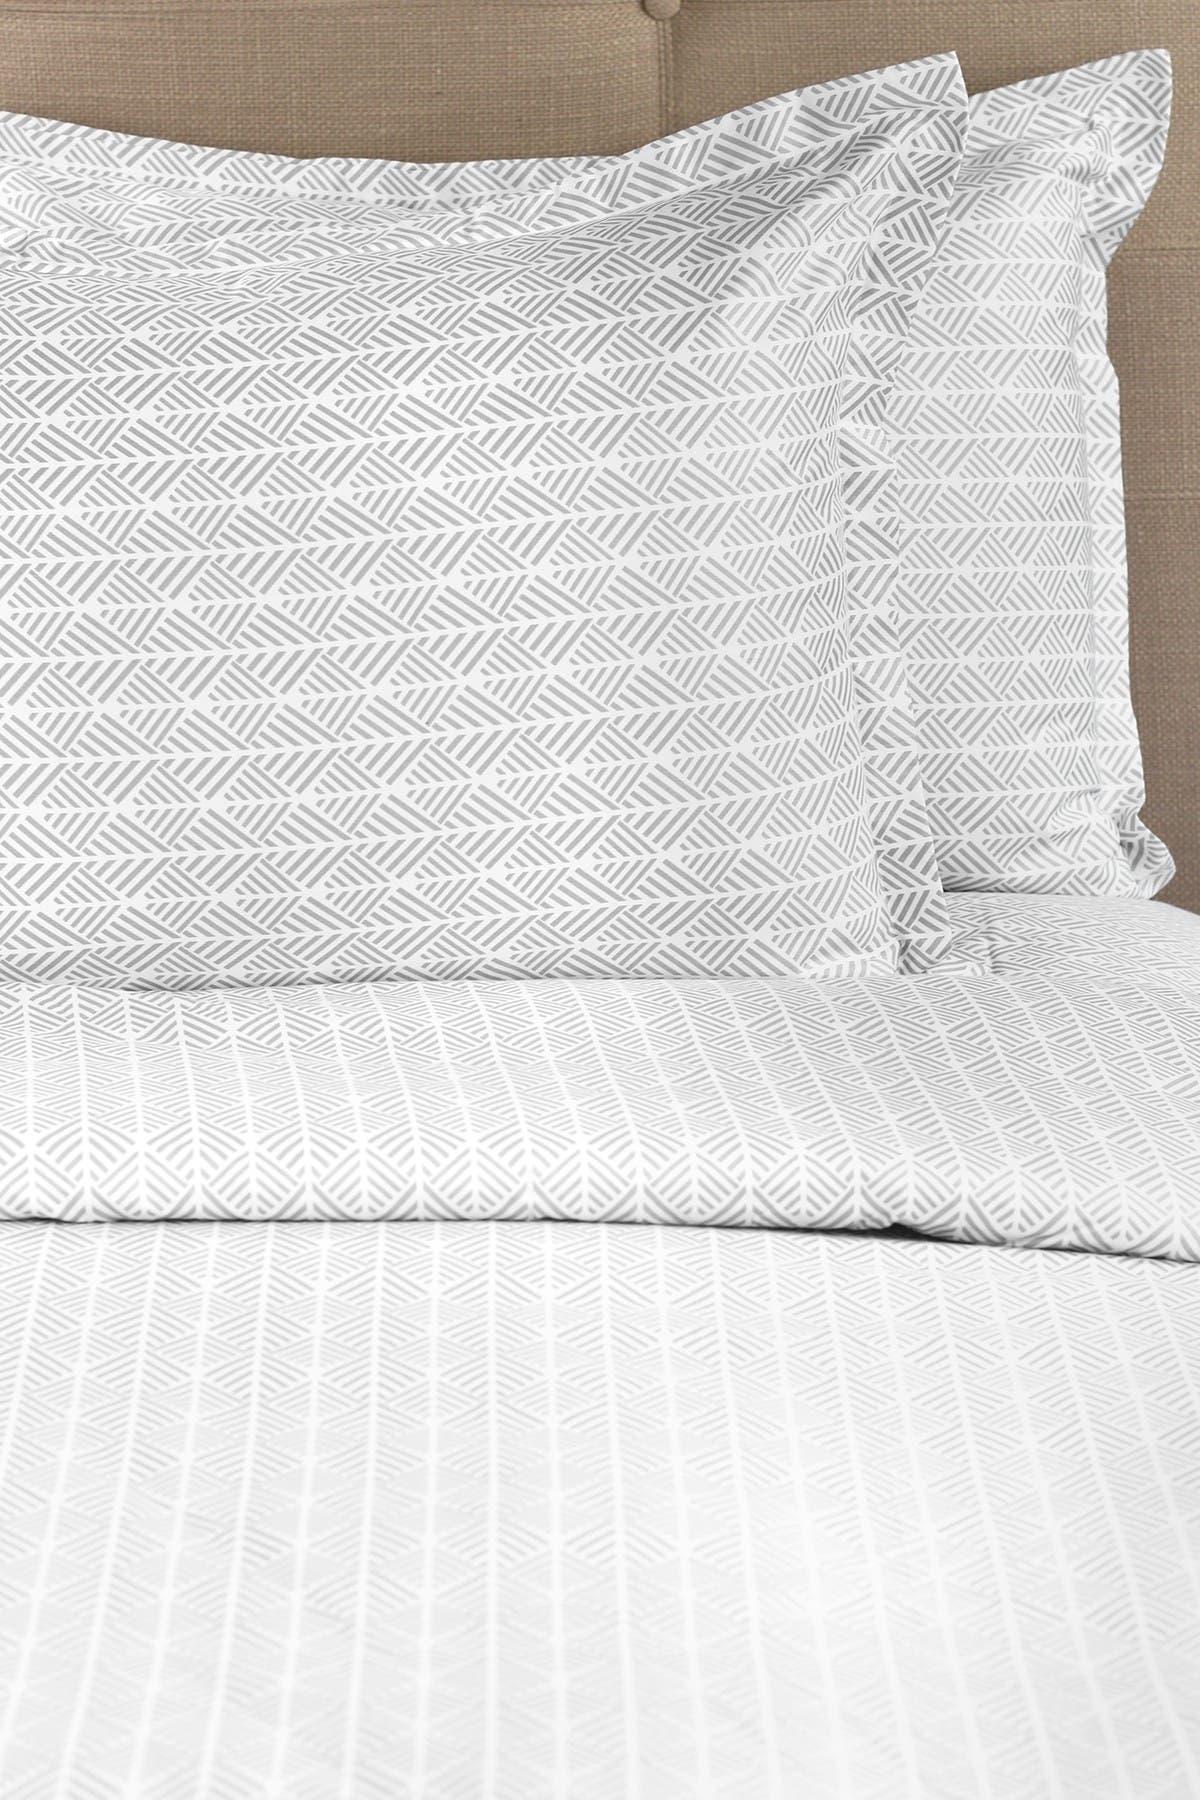 Image of Melange Home Full/Queen 400 Thread Count Cotton Arrow Duvet Set - Grey